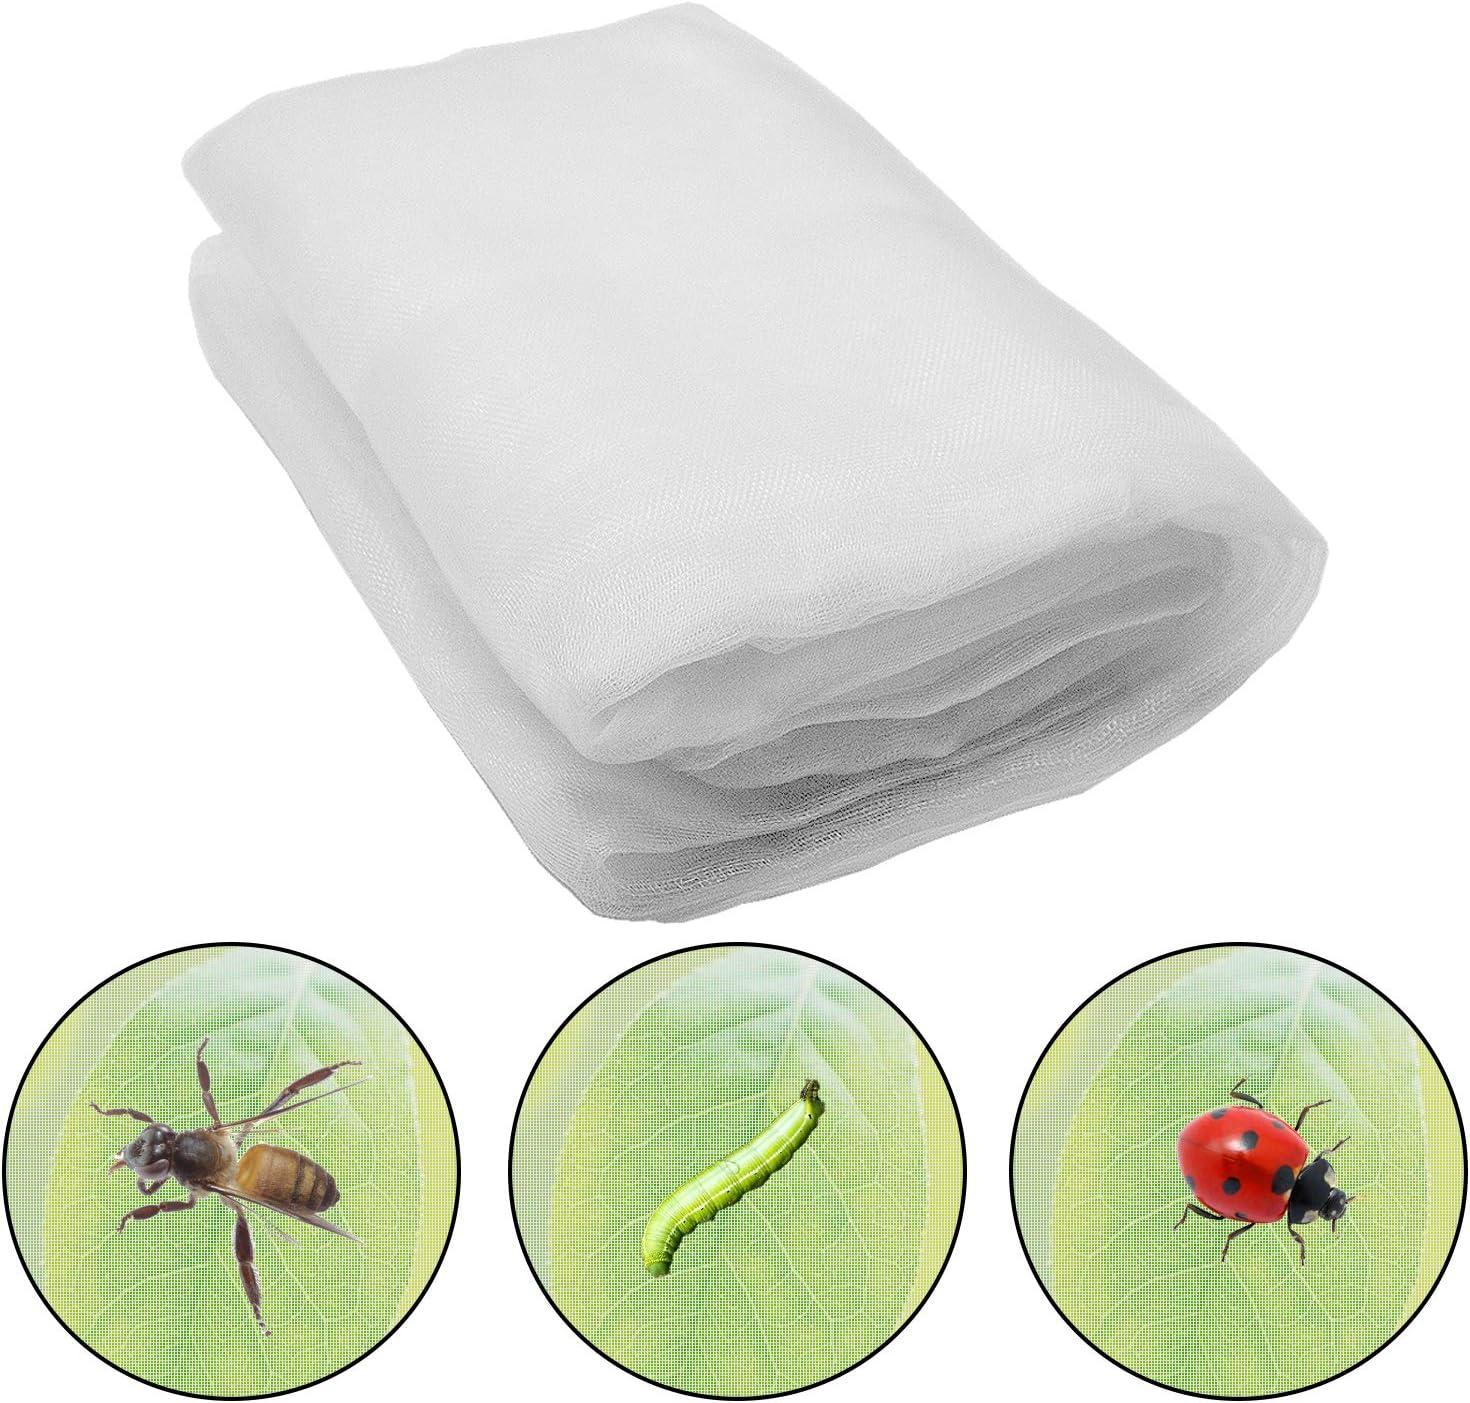 Alpurple 2 Packs Insect Bird Barrier Netting Mesh- 5.0 X 9.8 Feet Garden Bug Netting Plant Cover for Protect Plant Fruits Flower